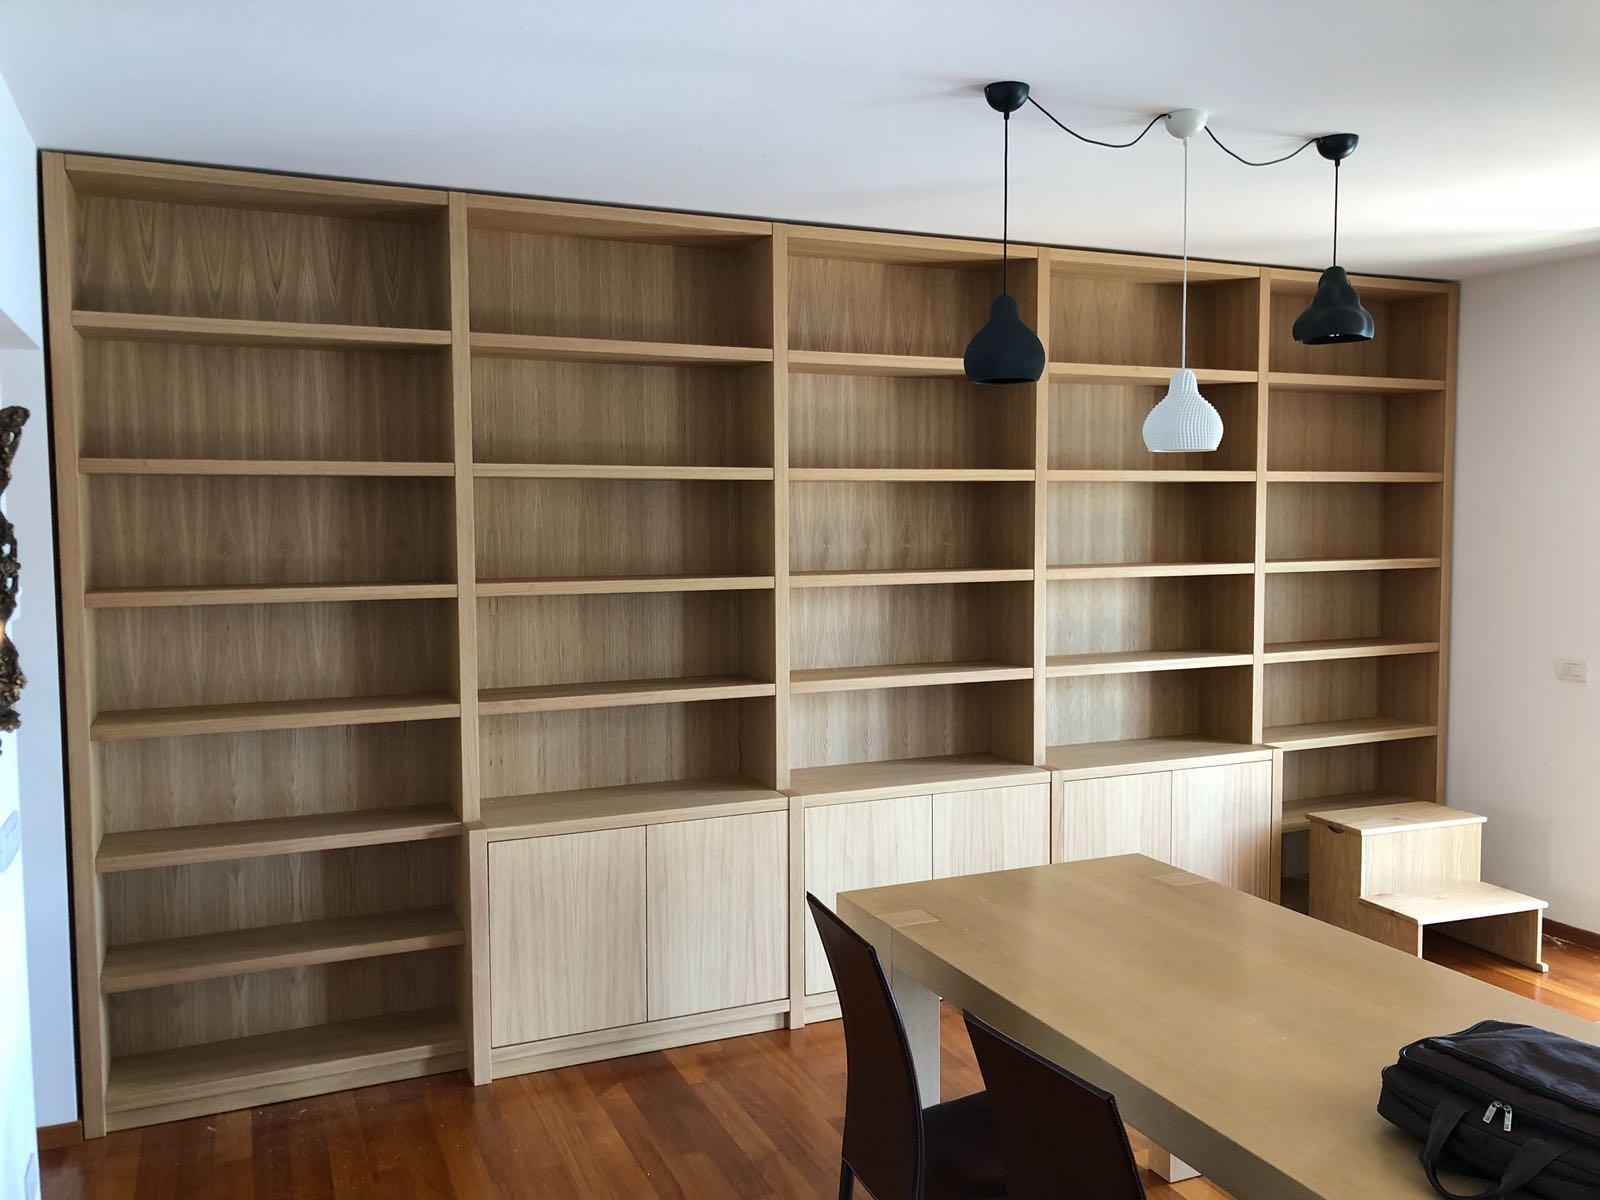 librerie in legno su misura roma